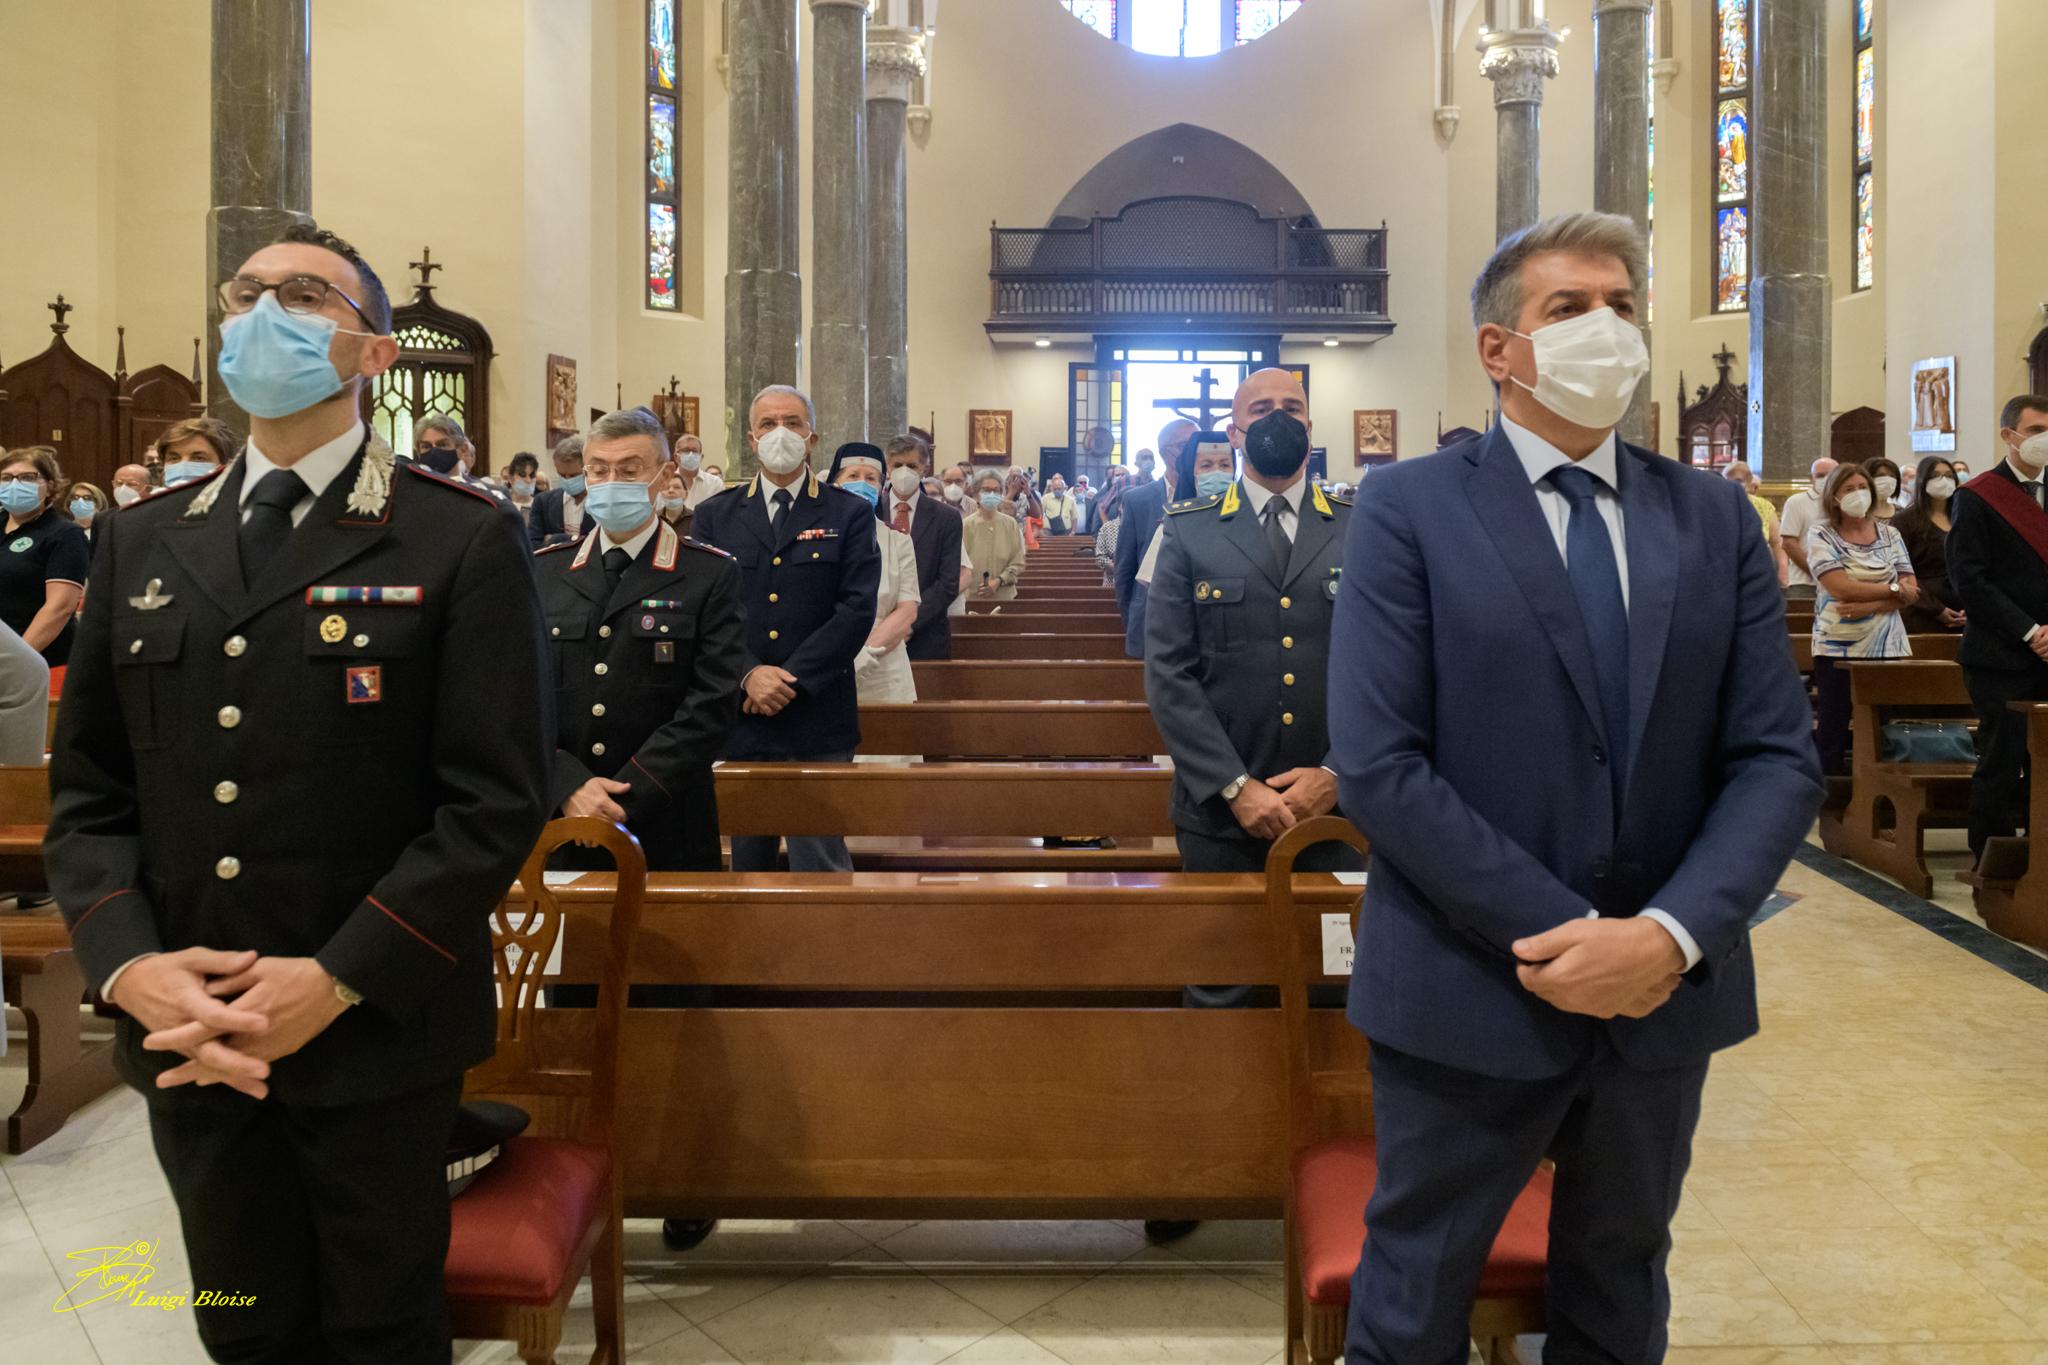 29-agosto-2021-pontificale-10.30-MdG-–-FOTO_mdg_-96